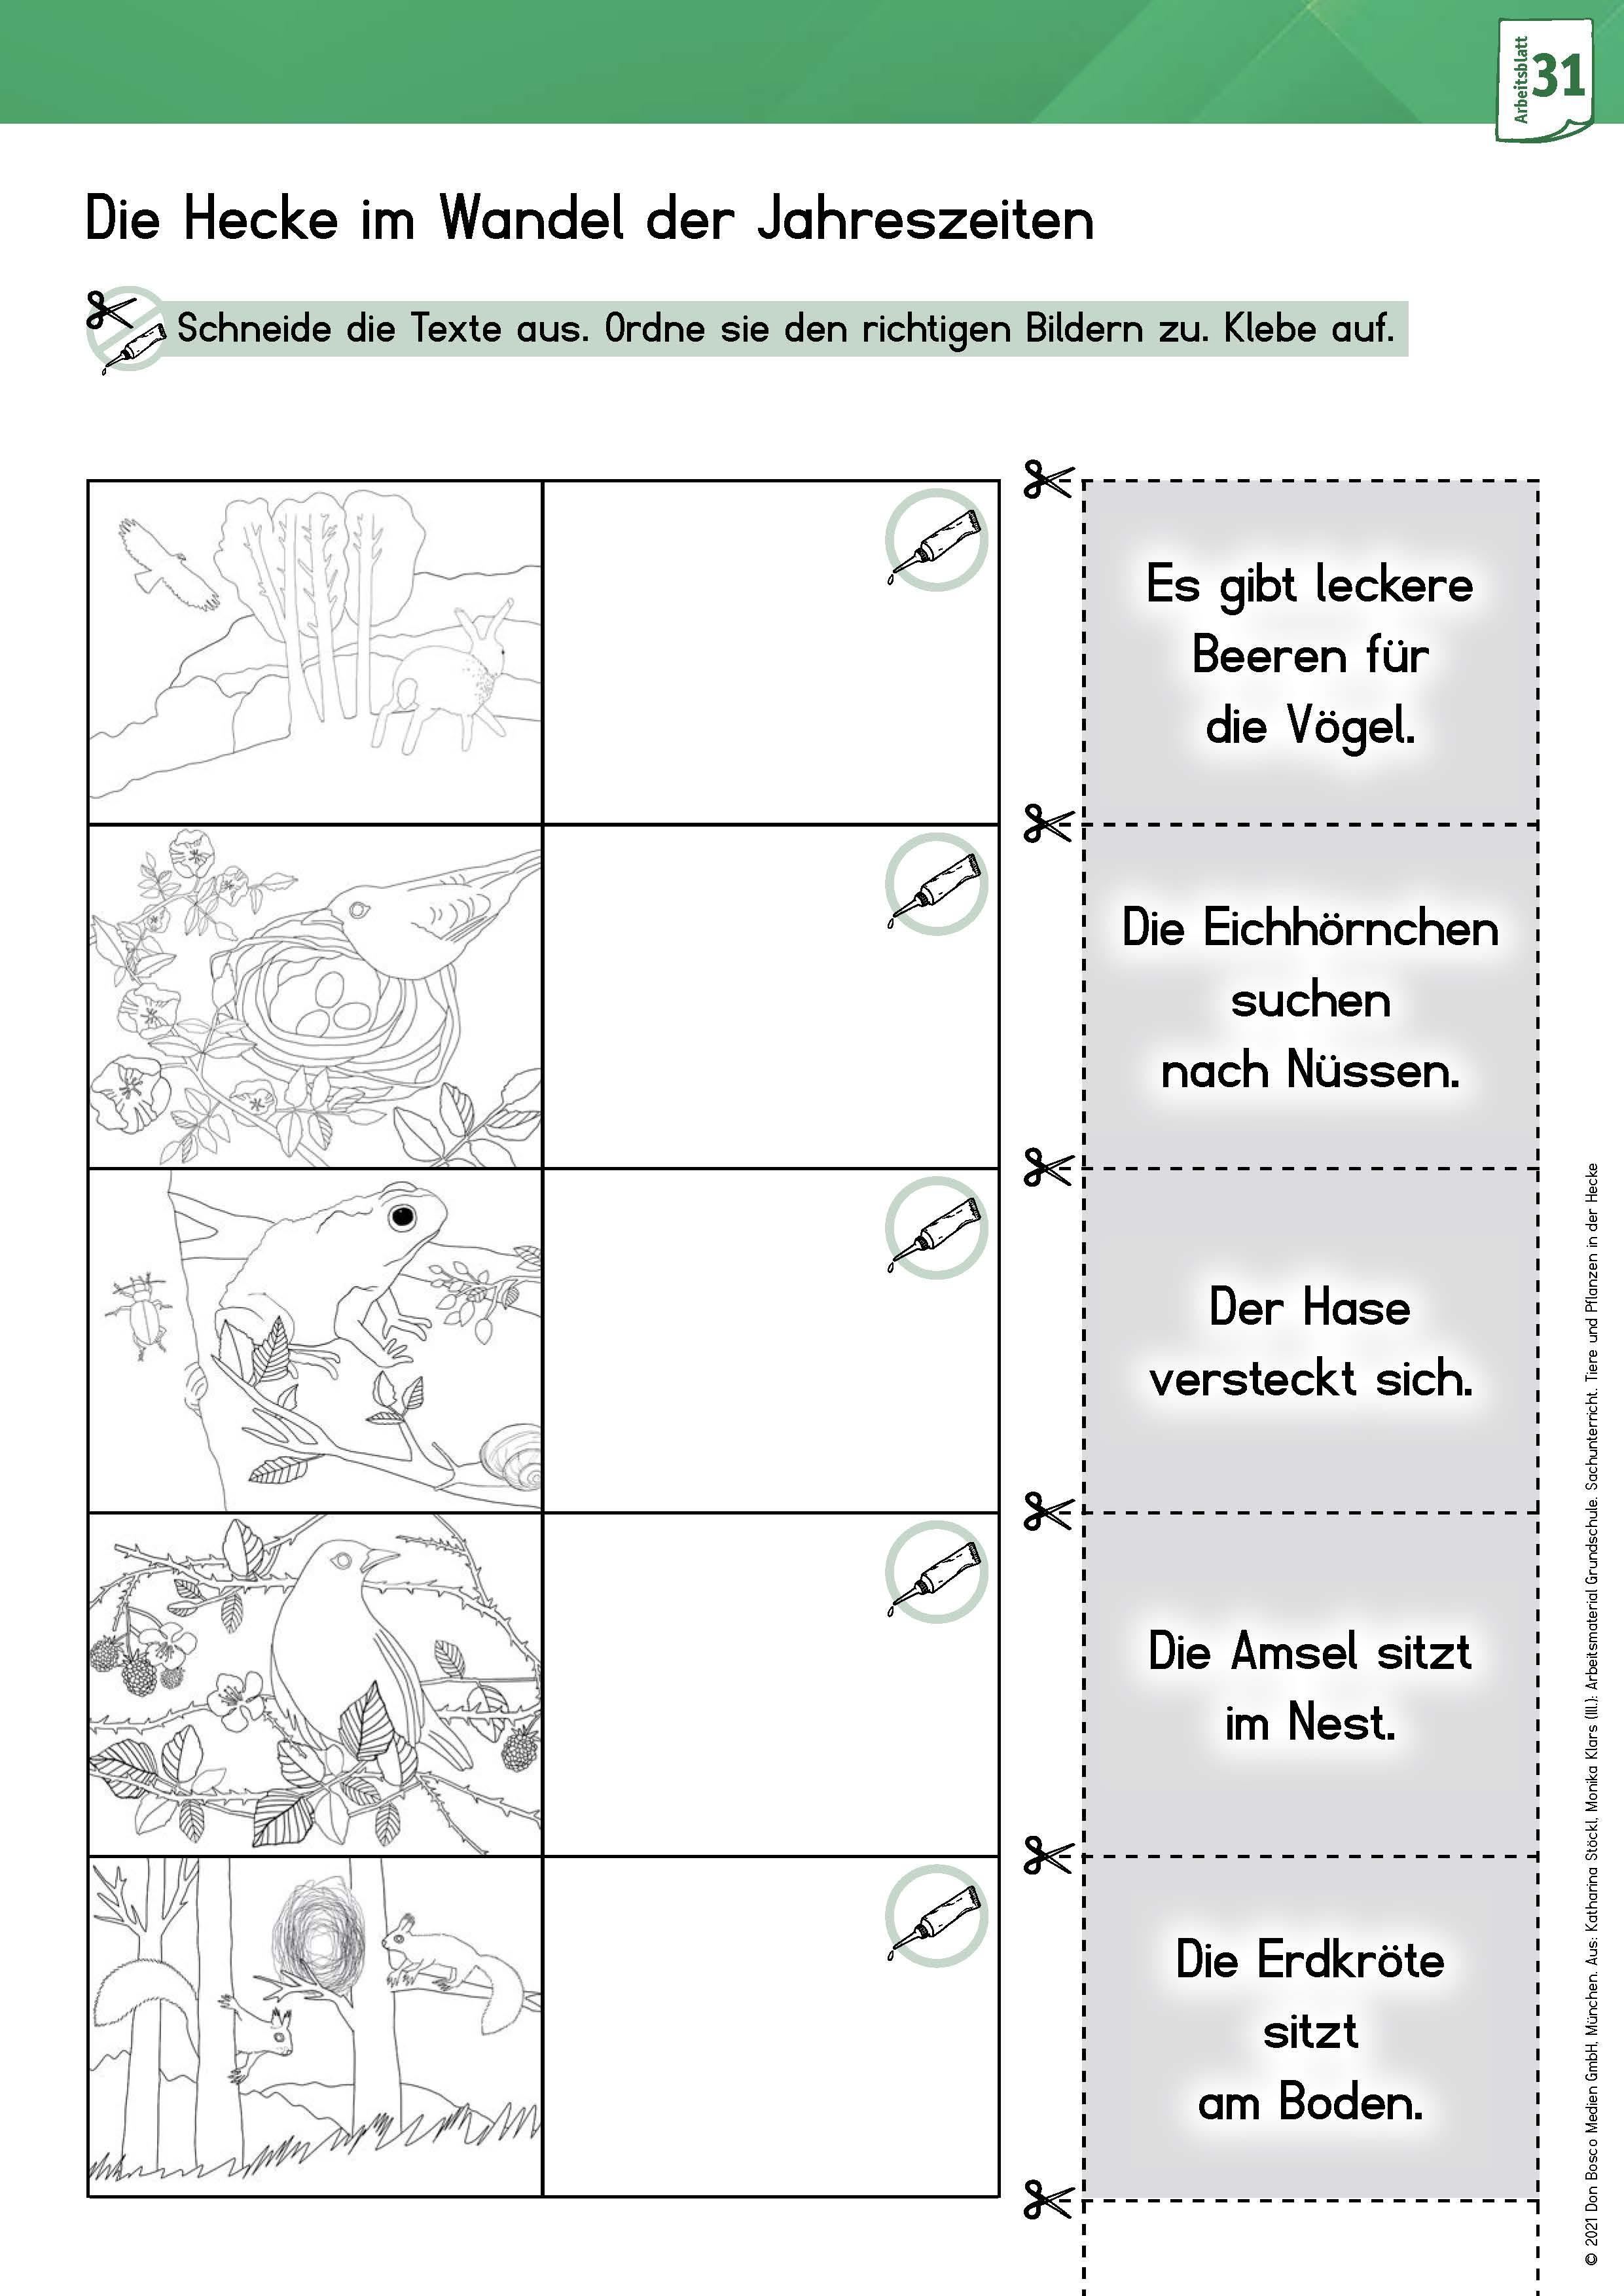 Innenansicht zu Arbeitsmaterial Grundschule. Sachunterricht. Tiere und Pflanzen in der Hecke